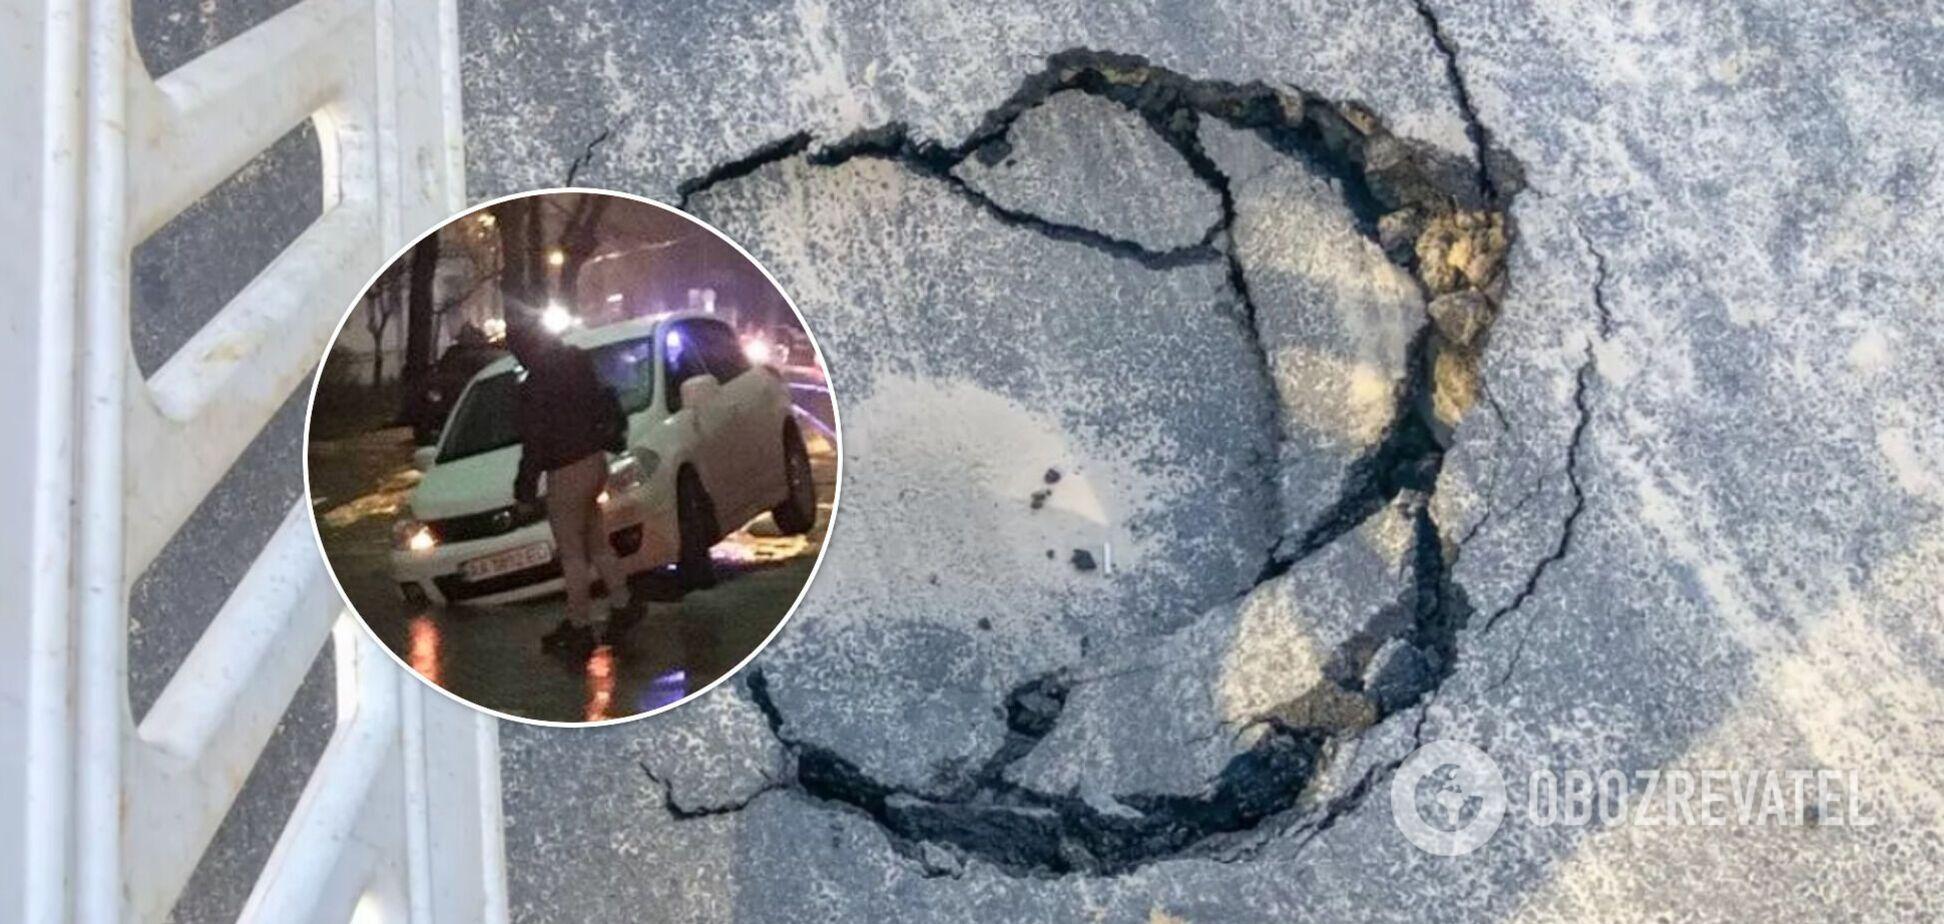 У Києві через прорив труби легковики провалилися під асфальт. Фото та відео